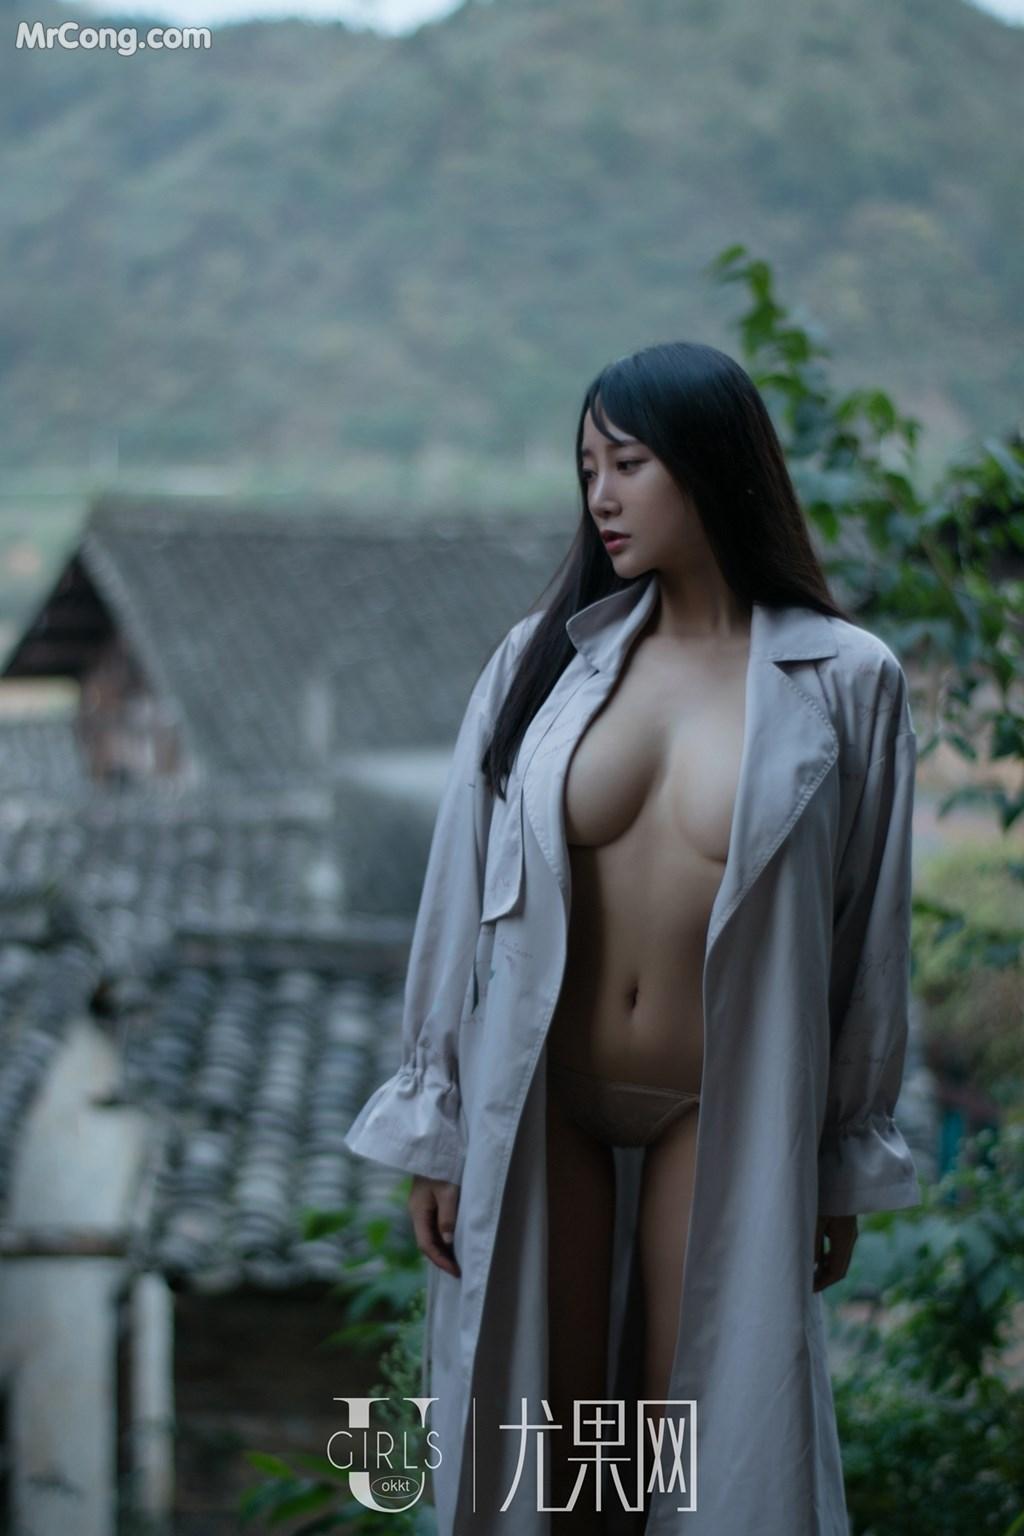 Image UGIRLS-U318-He-Jia-Ying-MrCong.com-060 in post UGIRLS U318: Người mẫu He Jia Ying (何嘉颖) (66 ảnh)